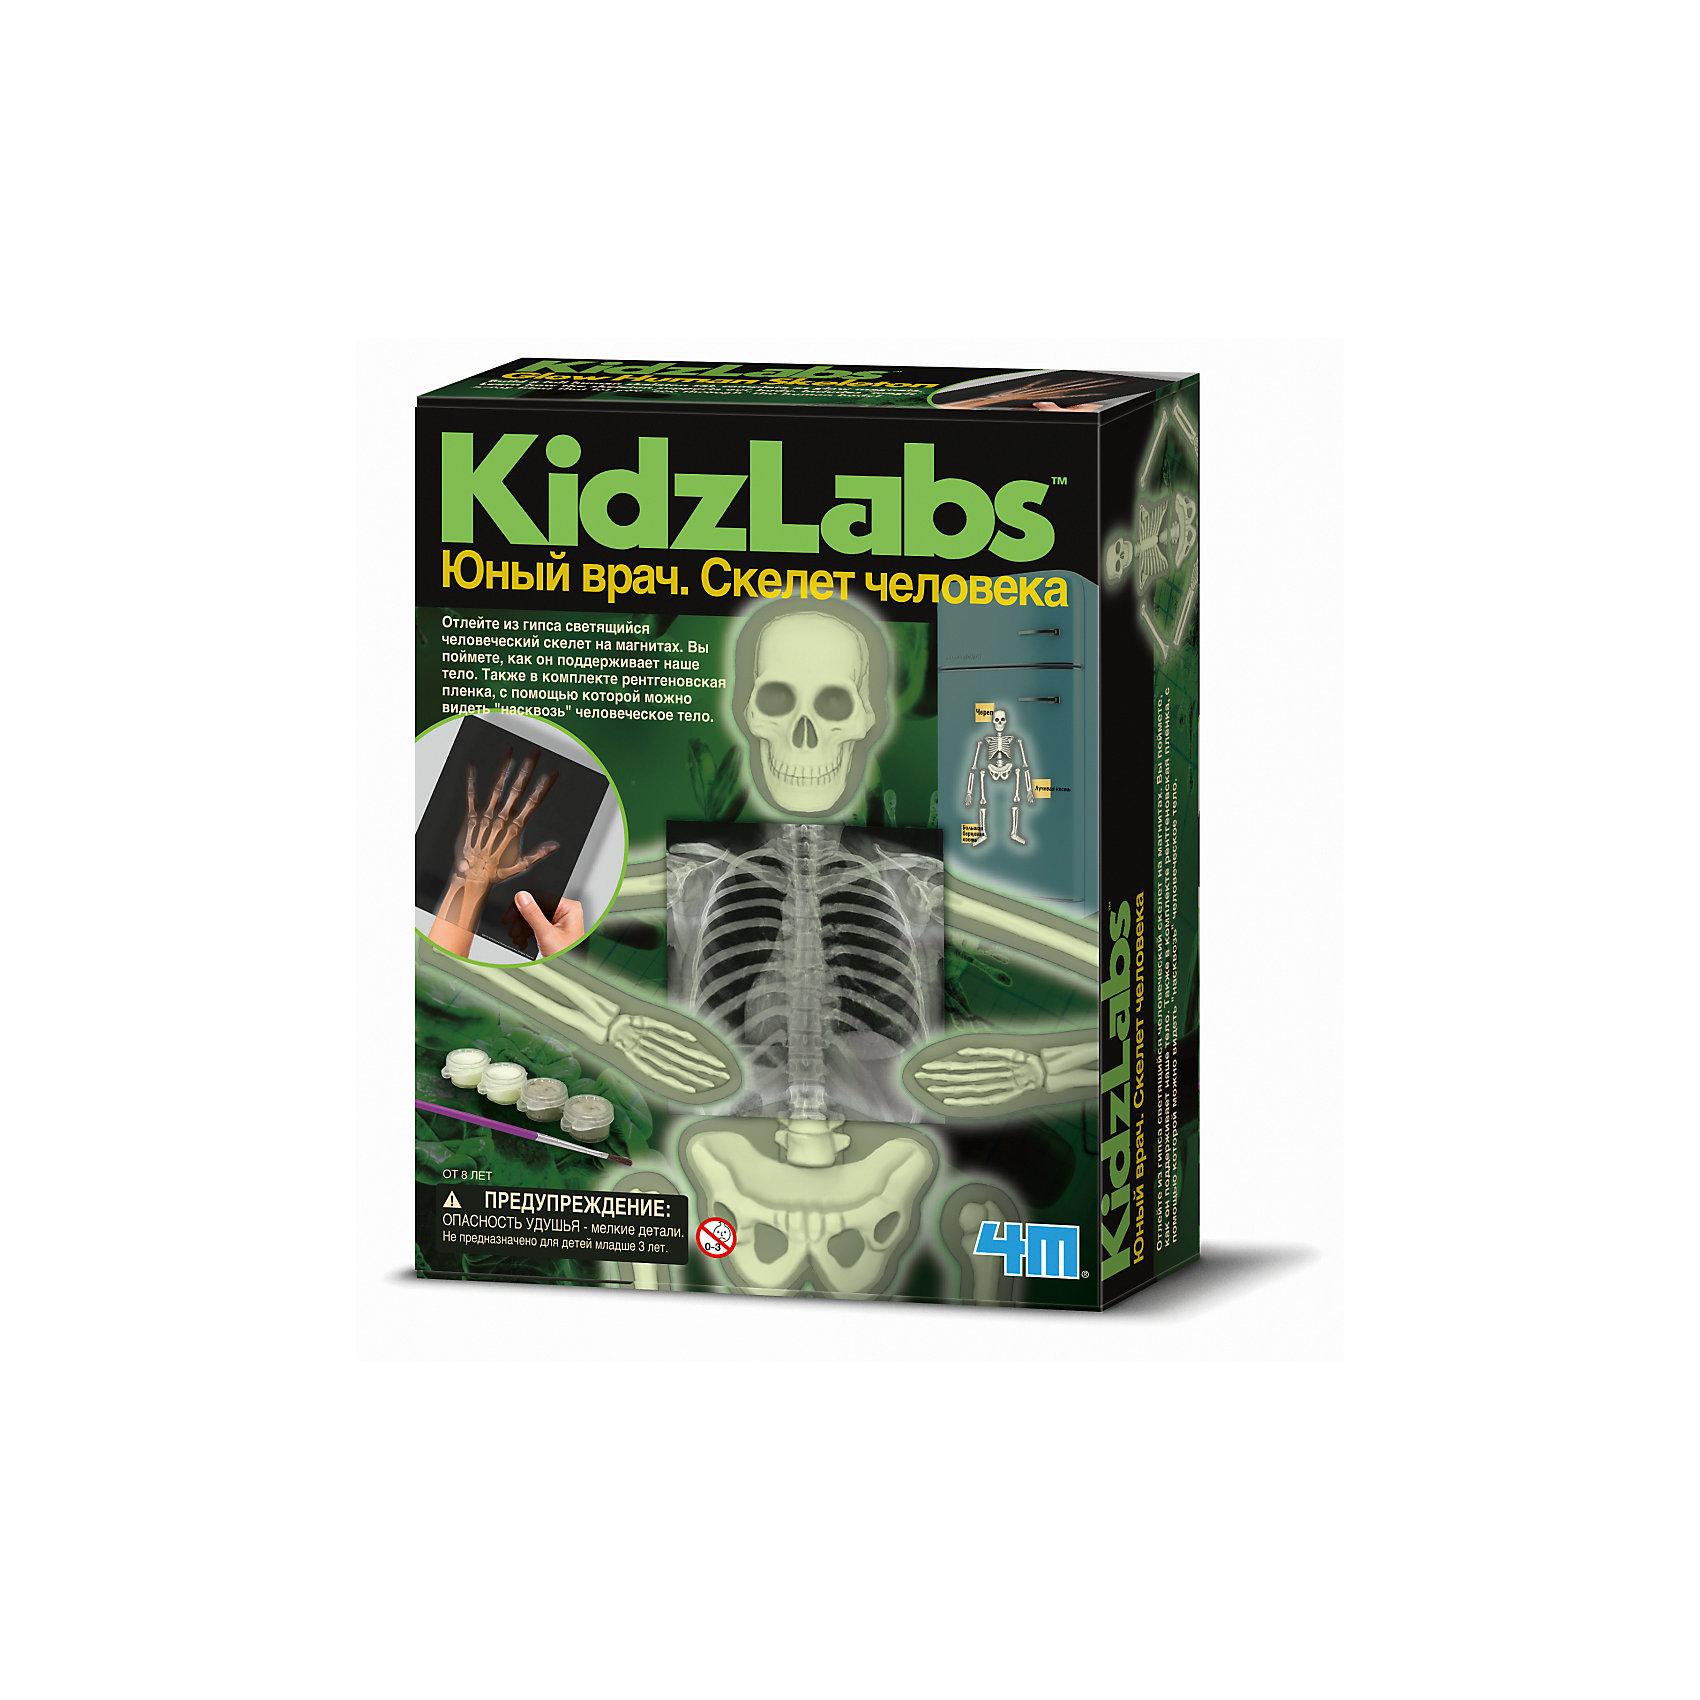 Набор Юный врач. Скелет человекаЭксперименты и опыты<br>Набор Юный врач. Скелет человека.<br><br>Характеристика: <br><br>• Возраст: от 8 лет<br>• Материал: гипс, пластик. <br>• Размер: 6x17х21,5 см.<br>• Комплектация: формы для отливки костей, рентгеновские пленки, настенная схема скелета, пакеты с гипсовым порошком, кисть, серая и светящаяся краски, магниты в форме костей.<br>• Развивает внимание, мелкую моторику, воображение; расширяет кругозор. <br><br>Набор Юный врач. Скелет человека расскажет детям о том, как устроено наше тело. В наборе есть все, чтобы дать представления о разных костях, их строении и функциях. Благодаря специальным формам, ребенок сможет сам отлить кости человеческого скелета. Инструменты, выполненные очень реалистично, сделают игру еще интереснее и увлекательнее. <br>Все детали изготовлены из высококачественного прочного пластика абсолютно безопасного для детей.<br>Игры с набором помогут развить мелкую моторику и внимание, расширят кругозор ребенка. Прекрасный подарок для вашего юного врача! <br><br>Набор Юный врач. Скелет человека можно купить в нашем интернет-магазине.<br><br>Ширина мм: 215<br>Глубина мм: 170<br>Высота мм: 60<br>Вес г: 552<br>Возраст от месяцев: 96<br>Возраст до месяцев: 2147483647<br>Пол: Унисекс<br>Возраст: Детский<br>SKU: 5487897